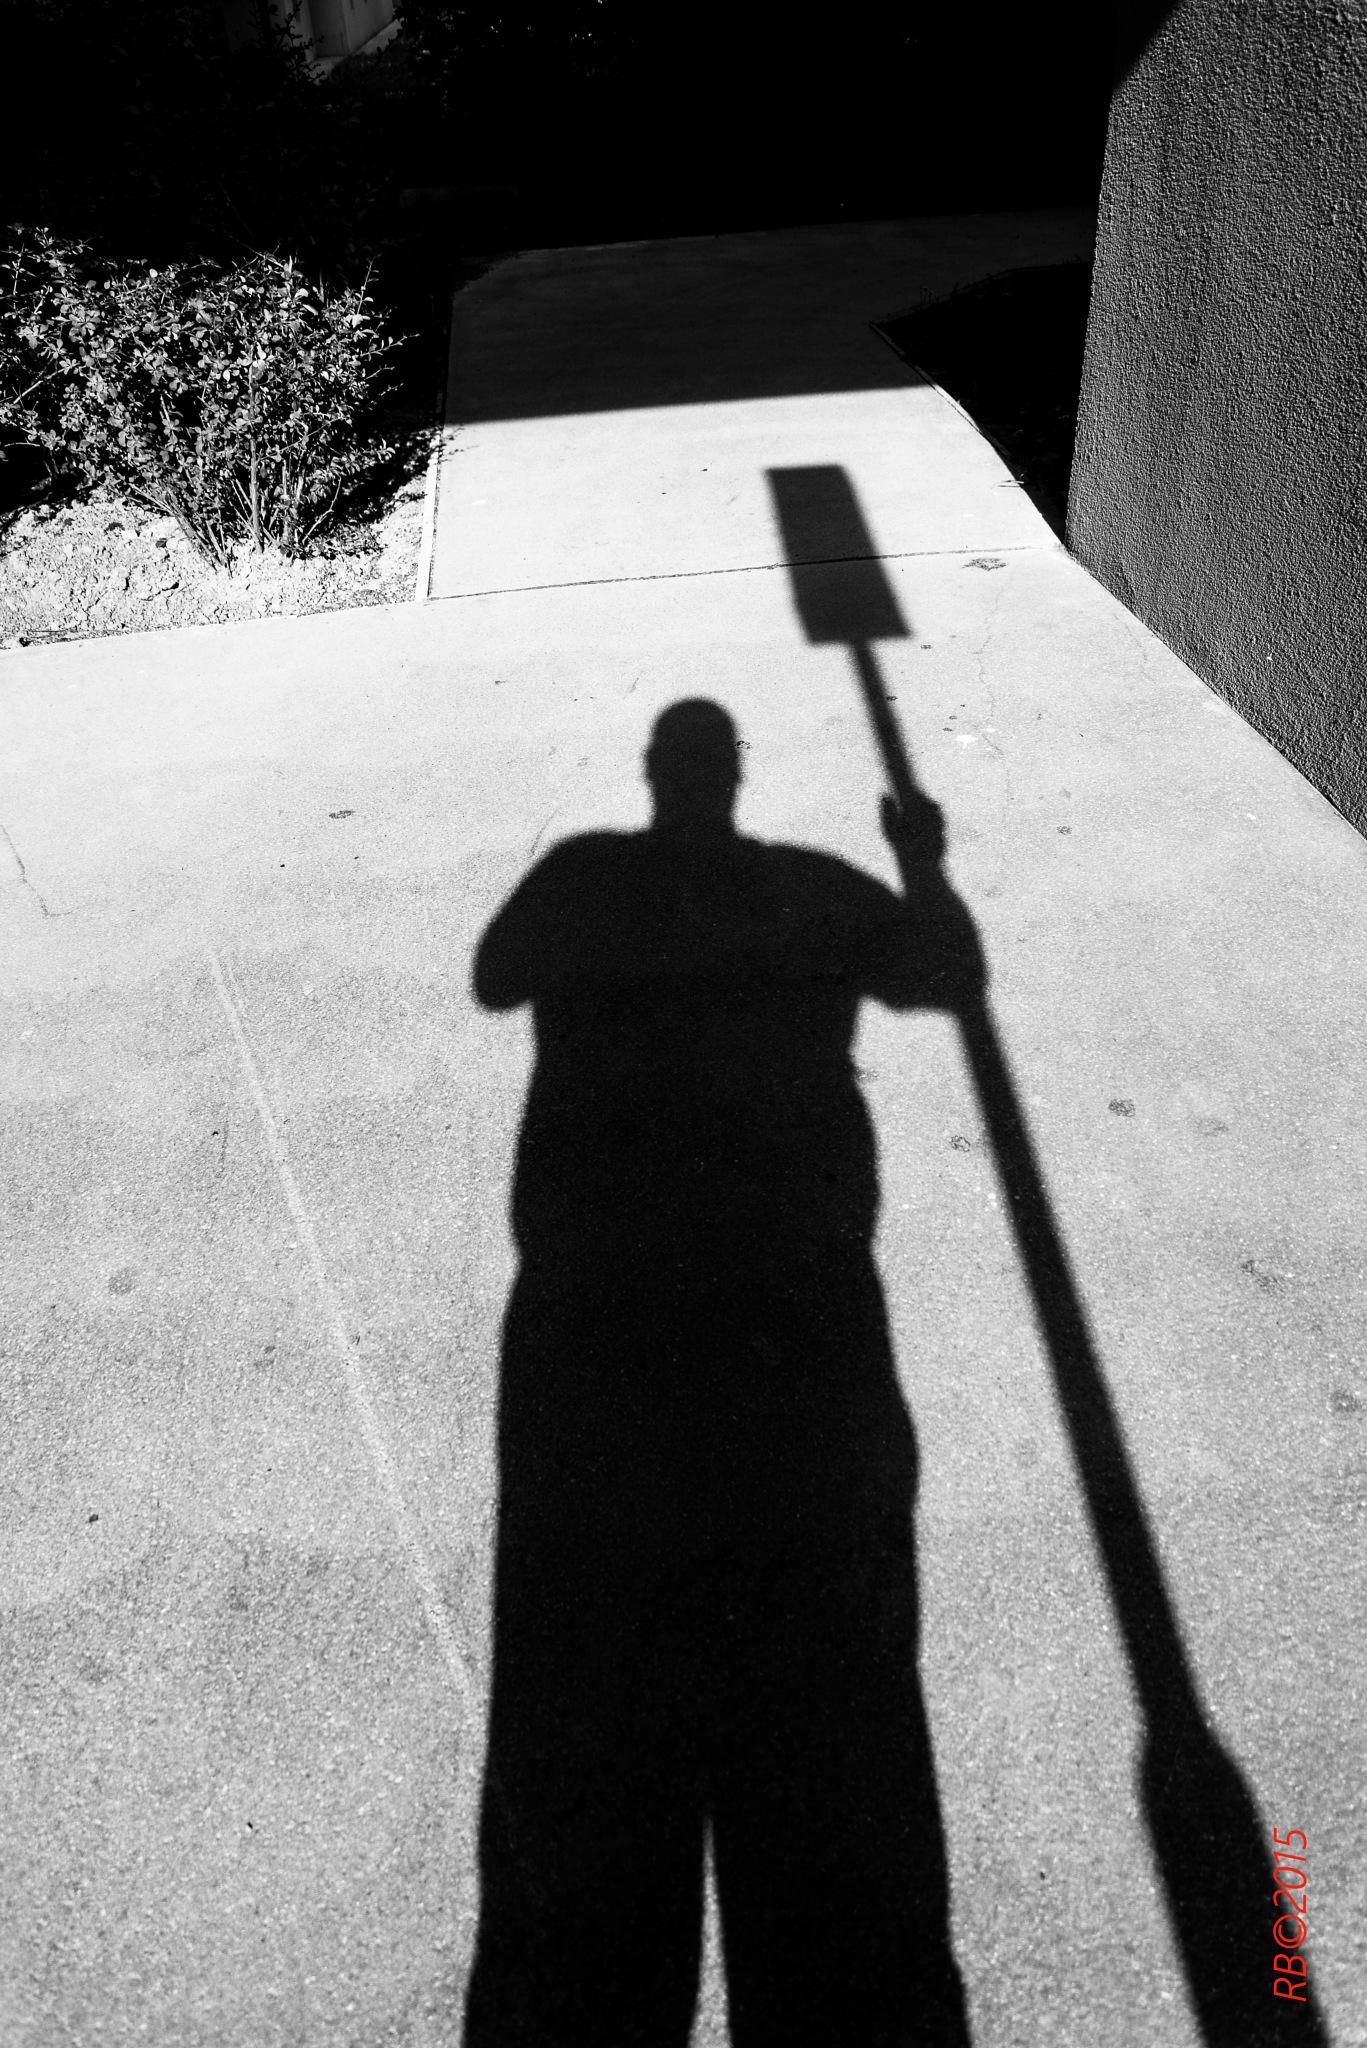 Selfi :-) by > Robert Braun <